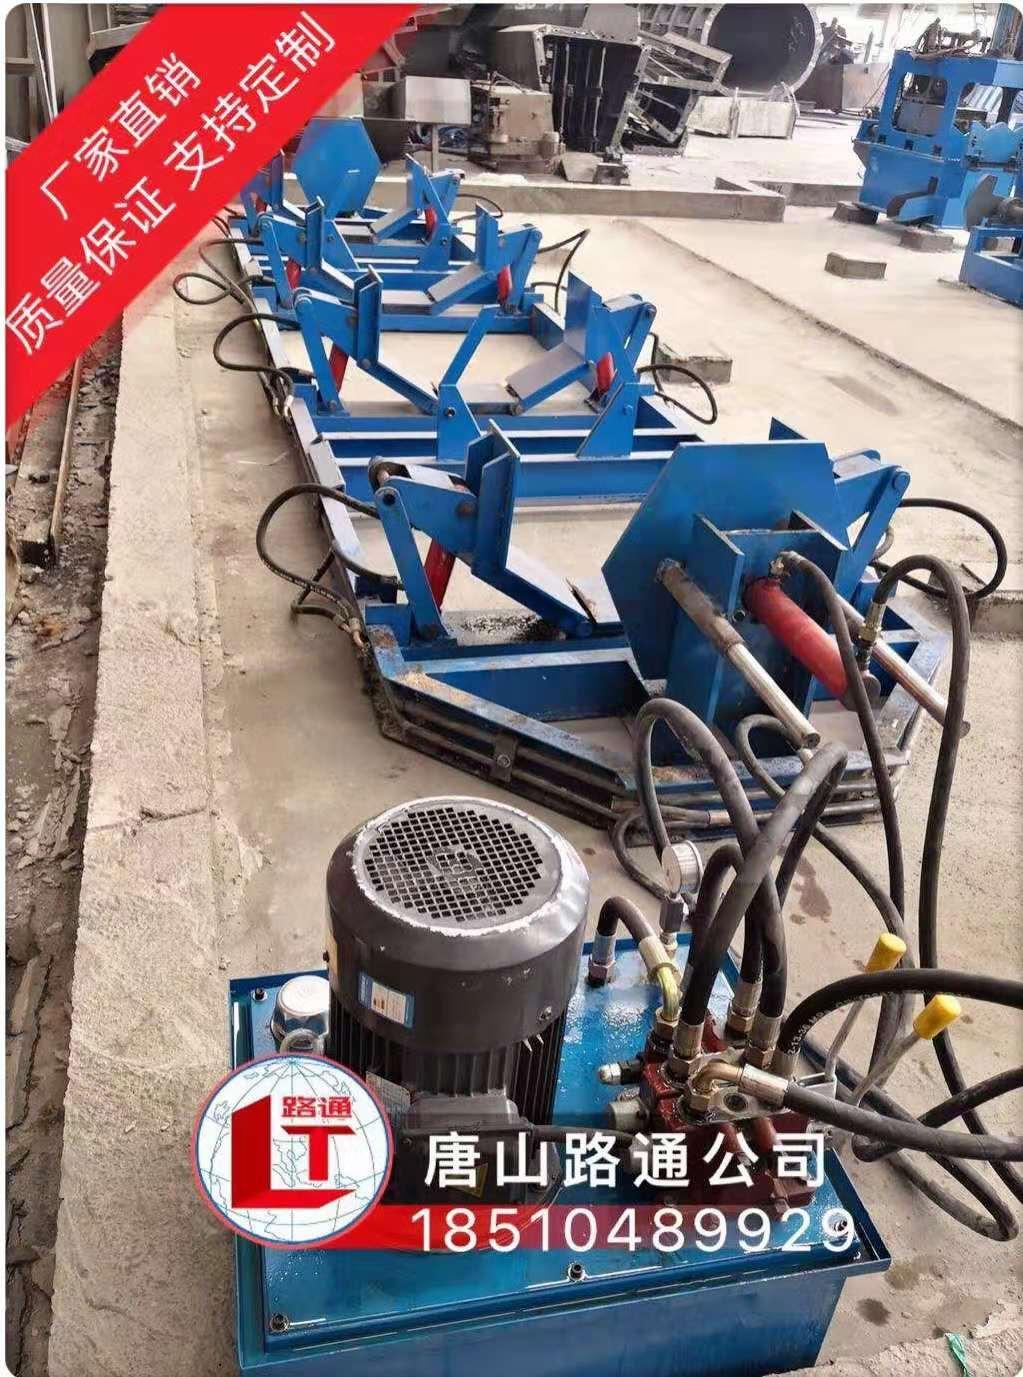 钢管自动打包机/钢管打包/唐山厂家/自动打包